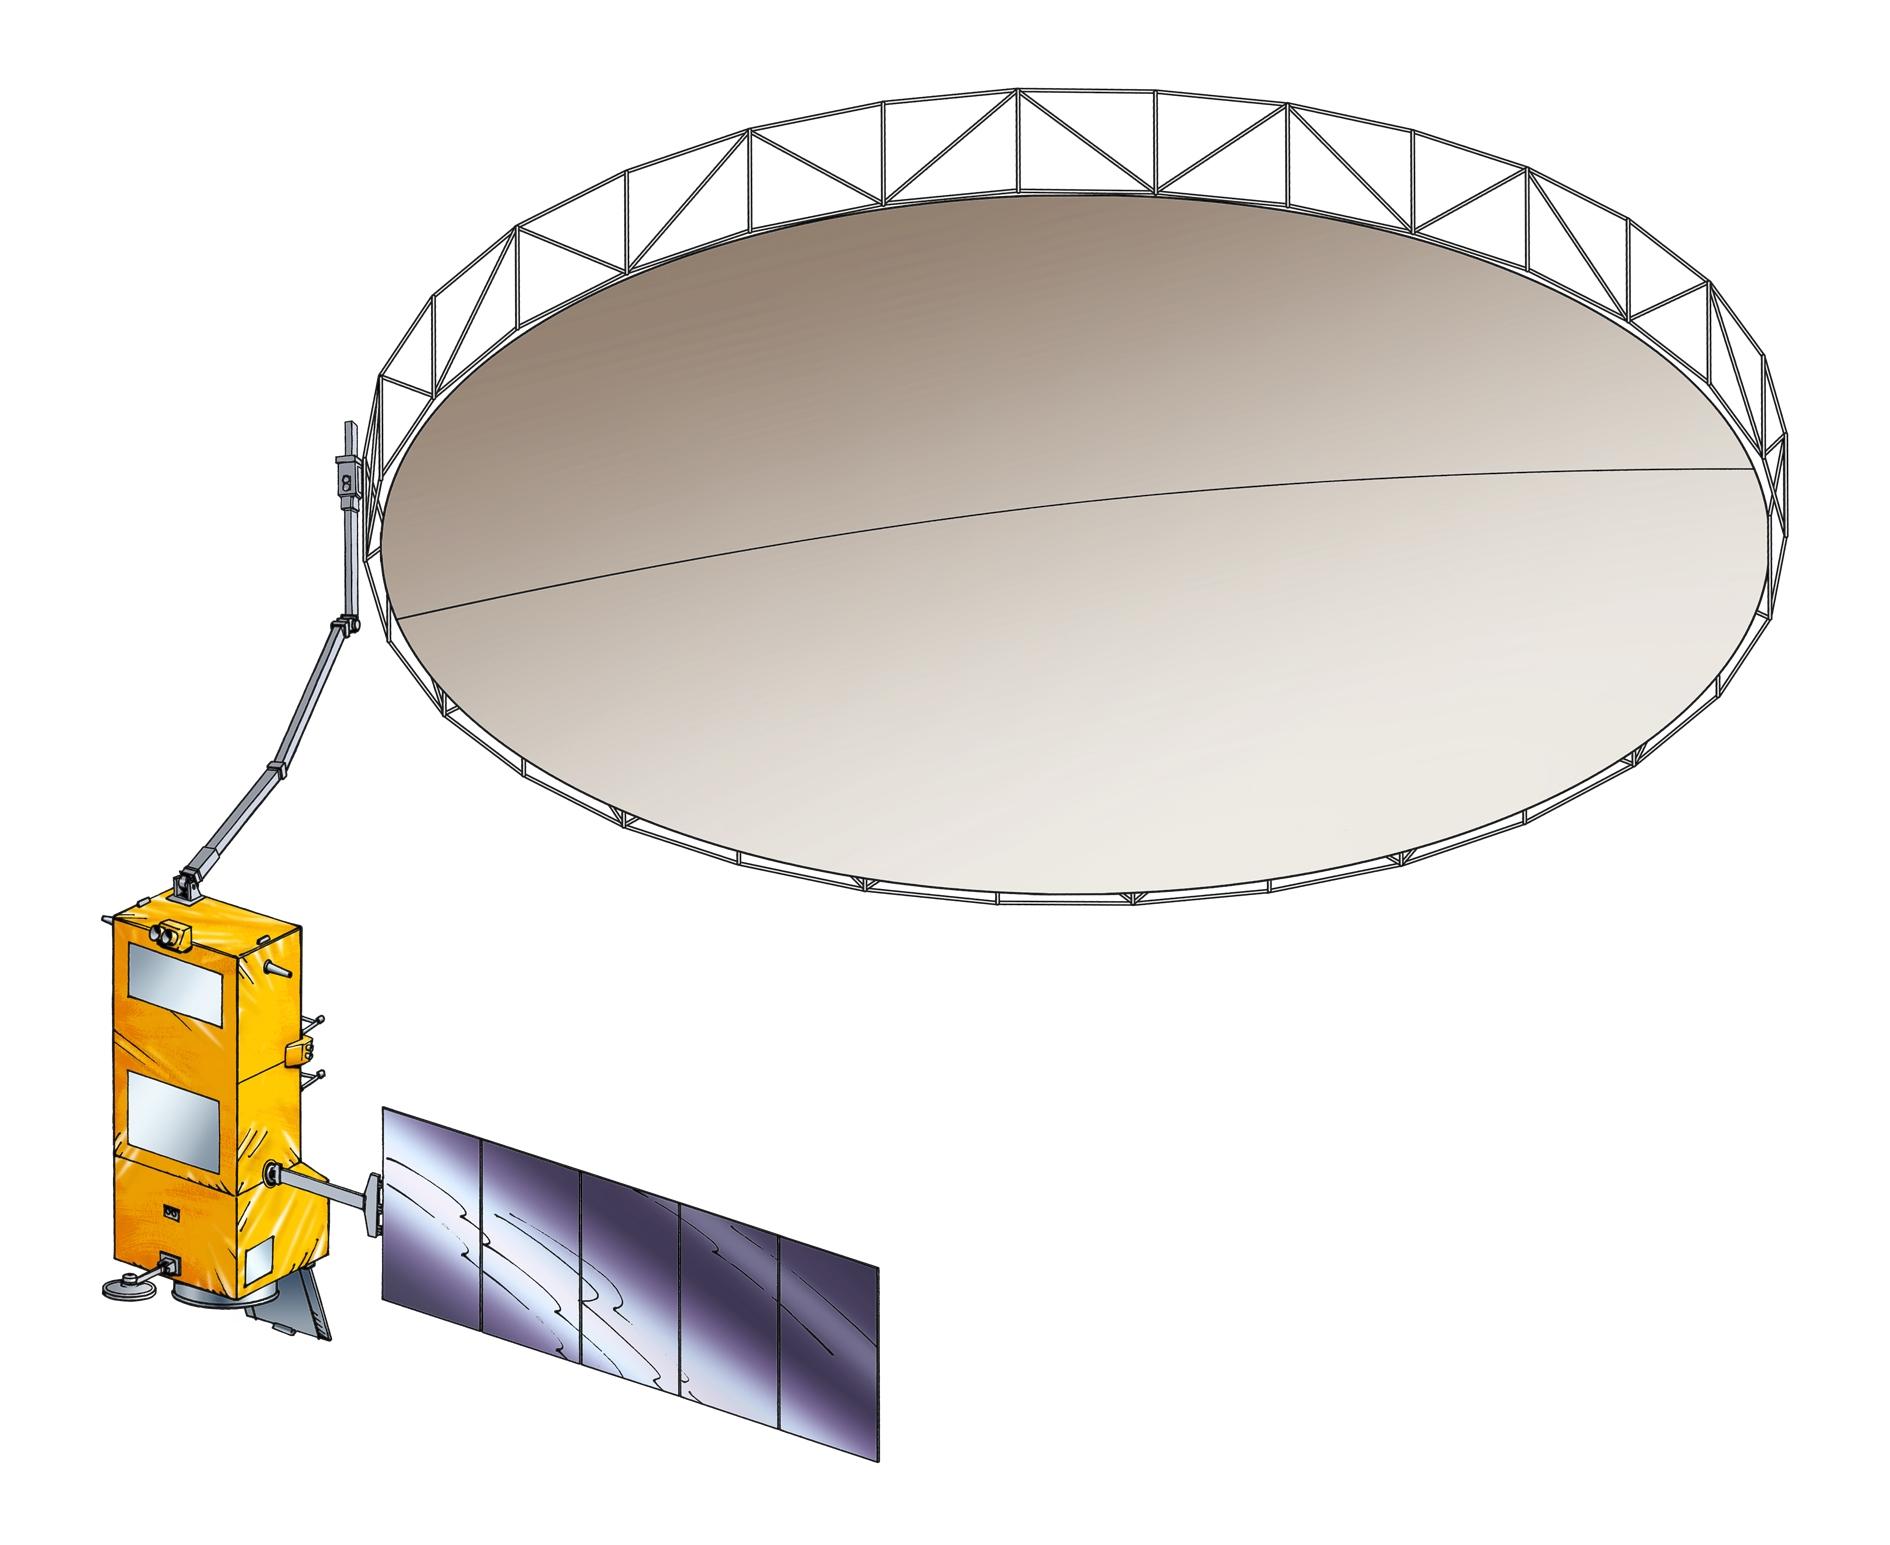 Biomass_satellite_B.jpg